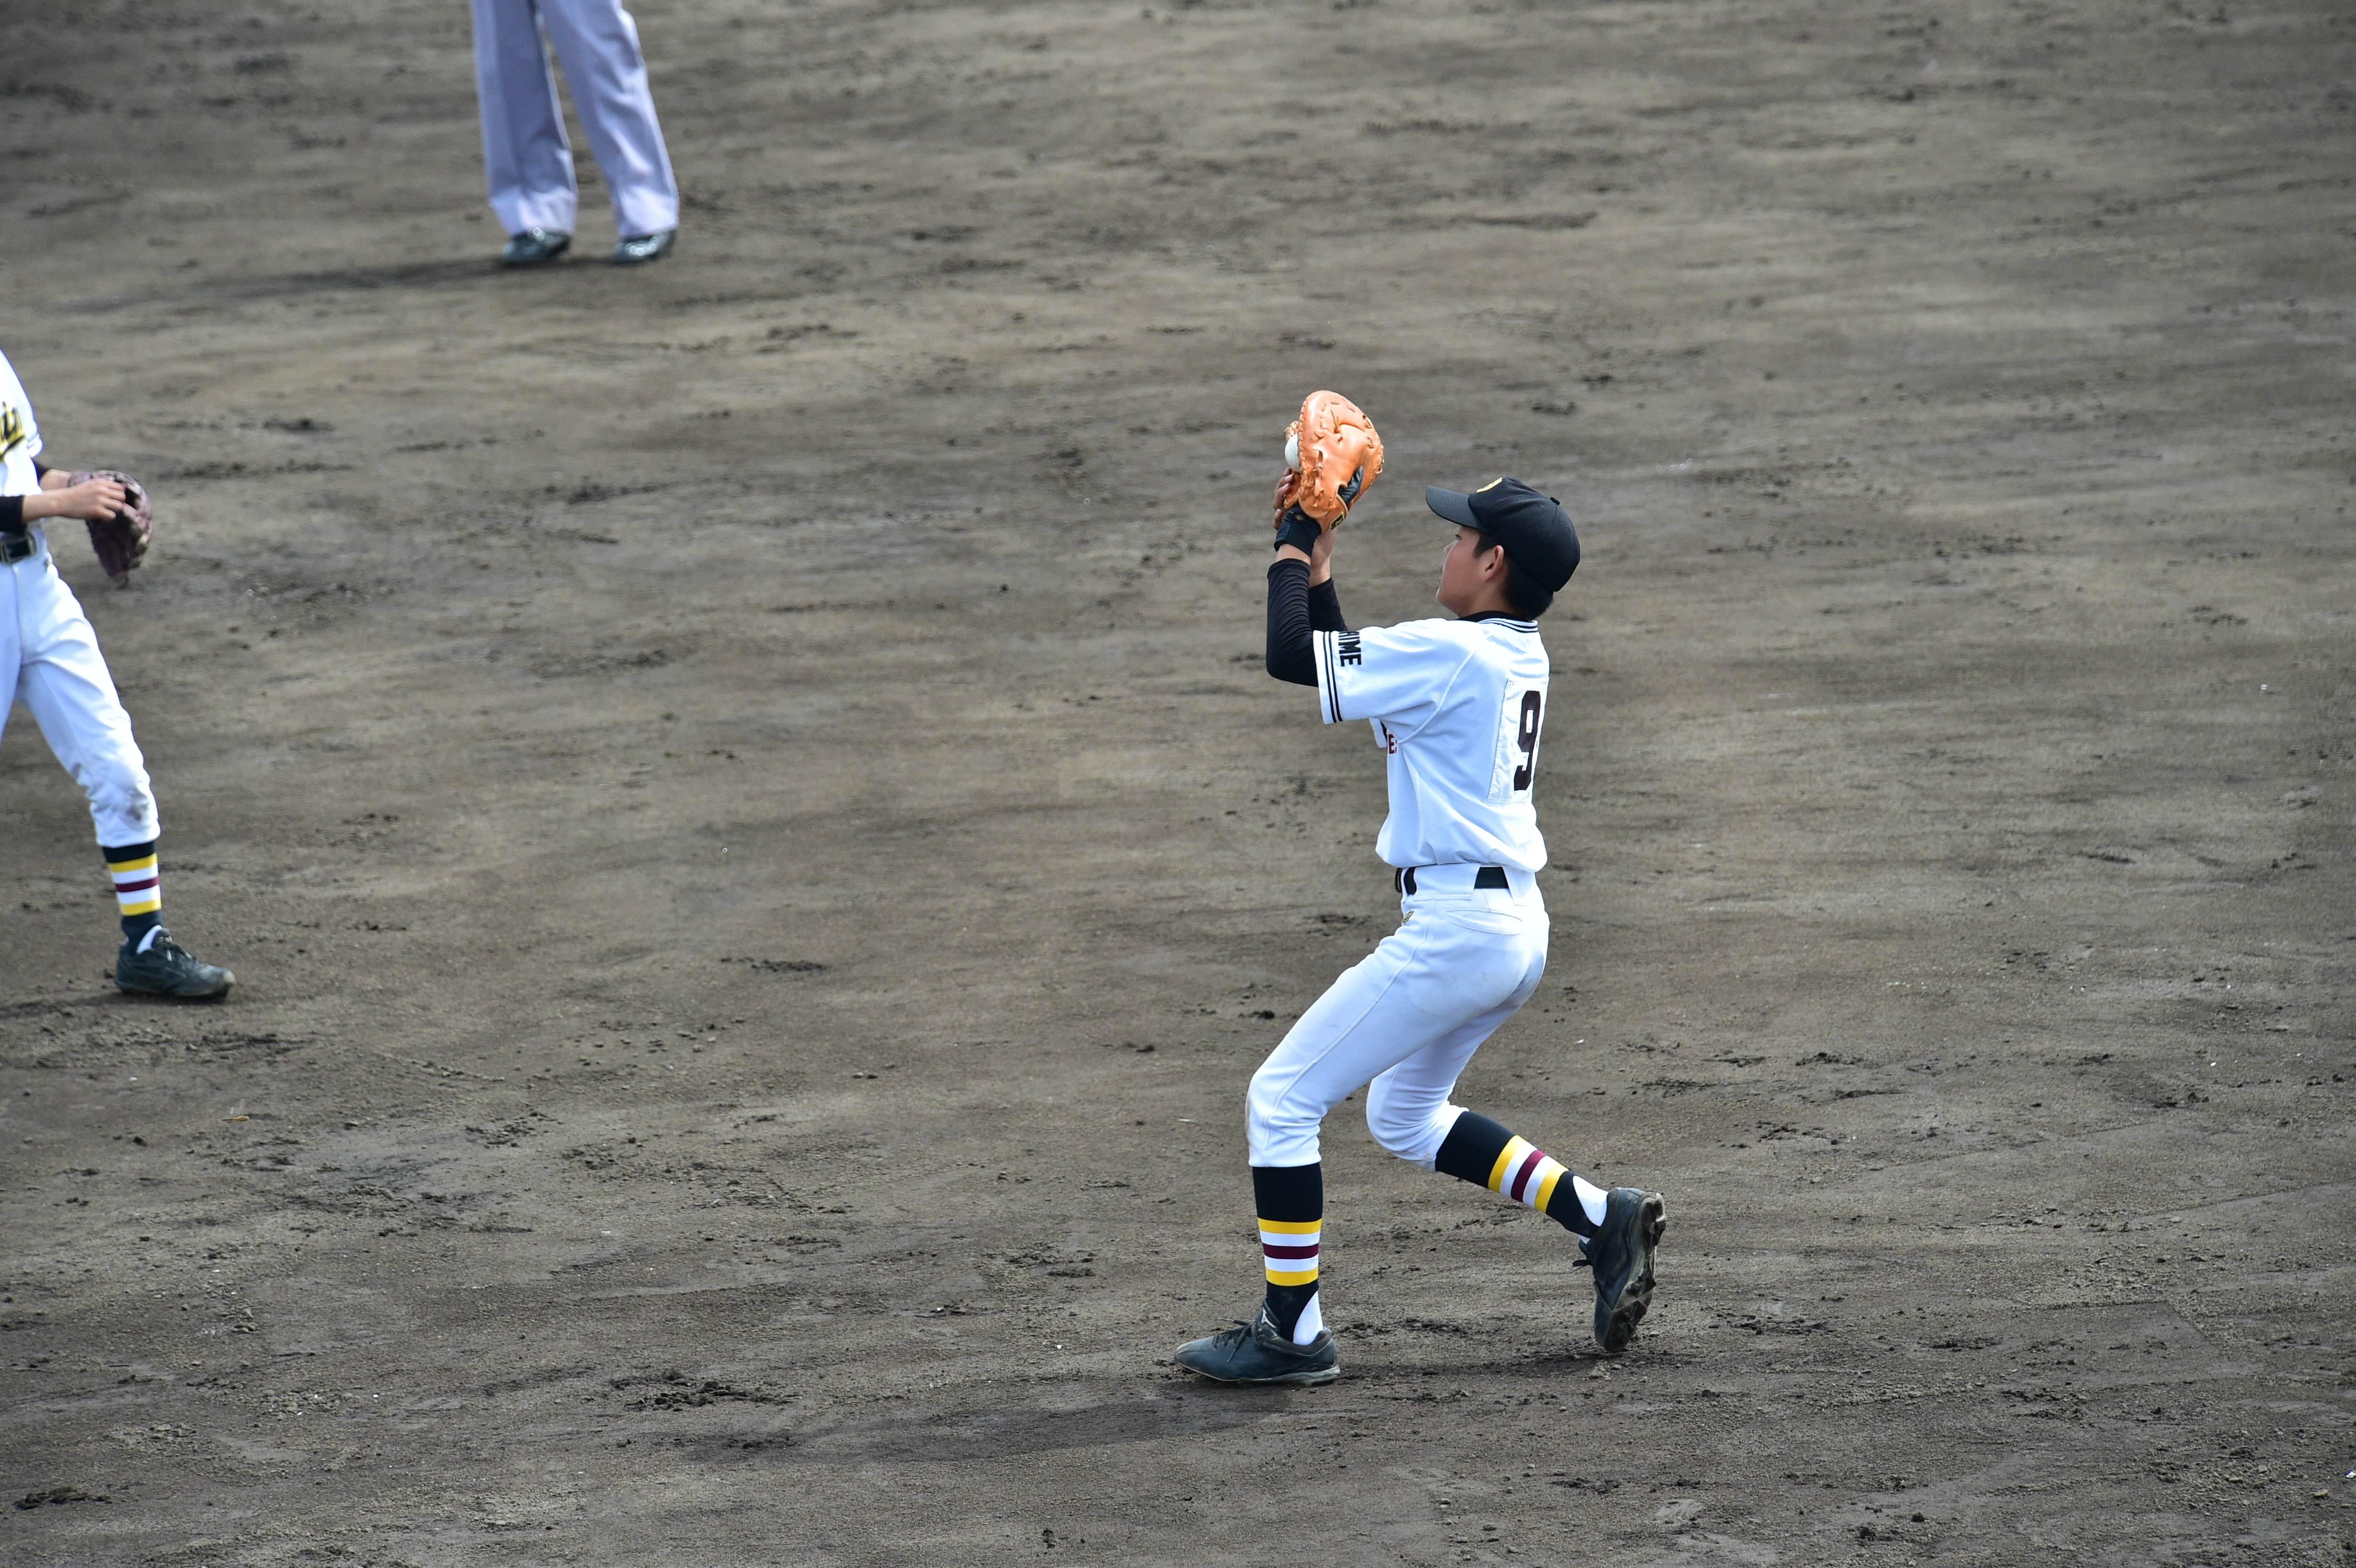 軟式野球 (196)